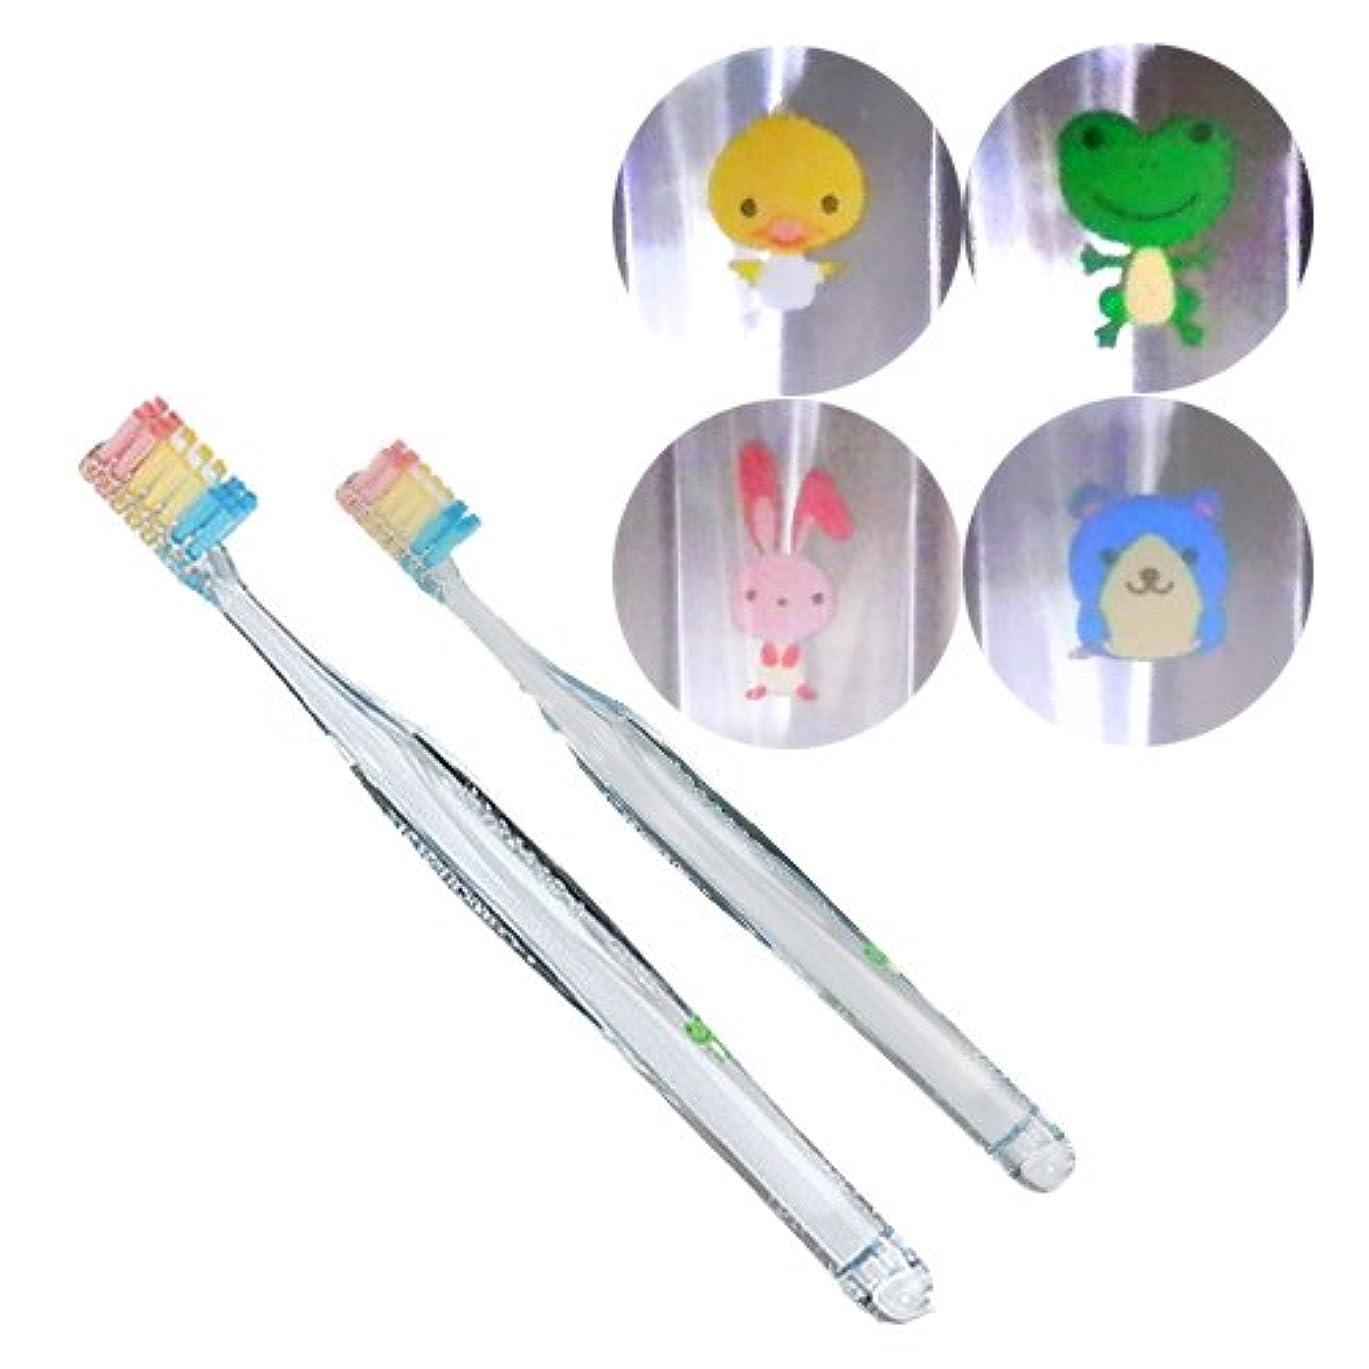 薬剤師肉腫溢れんばかりのプロスペックプラスフォーレッスン歯ブラシ1本タイニー/スモール (タイニー)